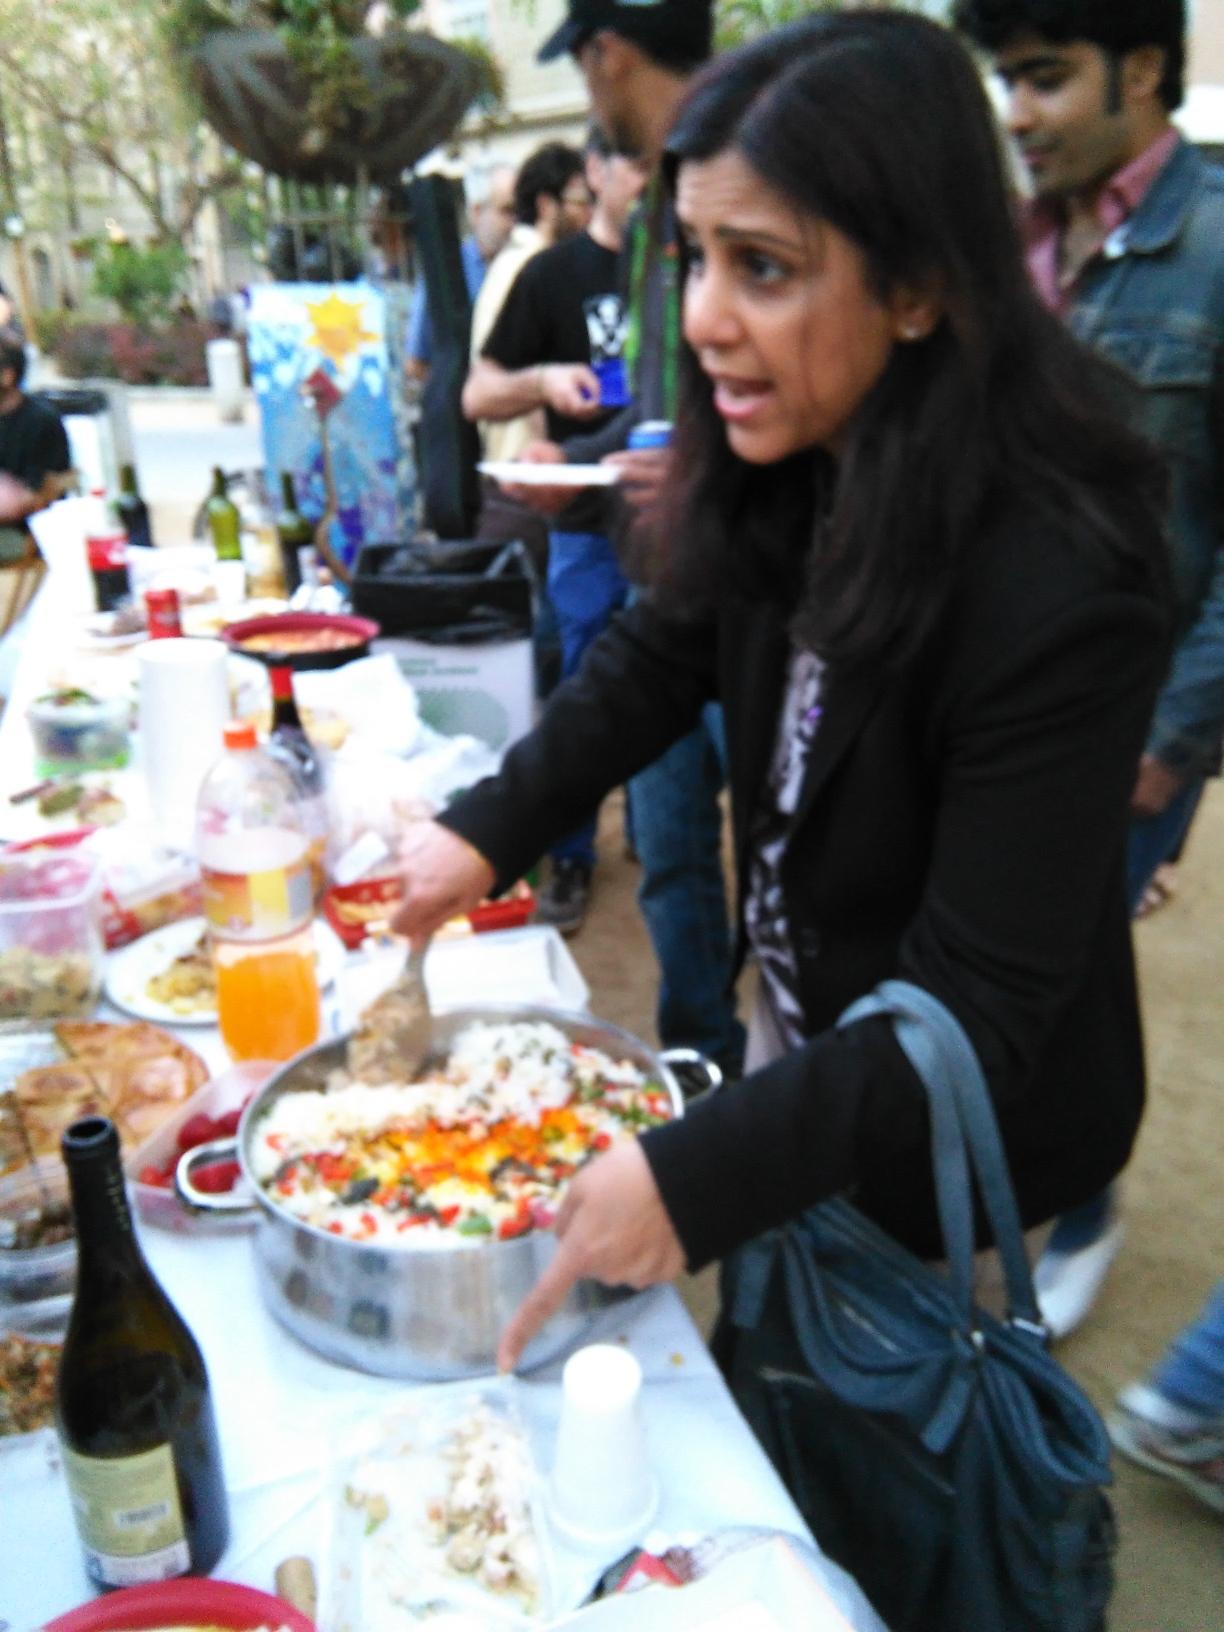 Sopar de Carmenyola amb el Veïnat - Ciutat Vella 11